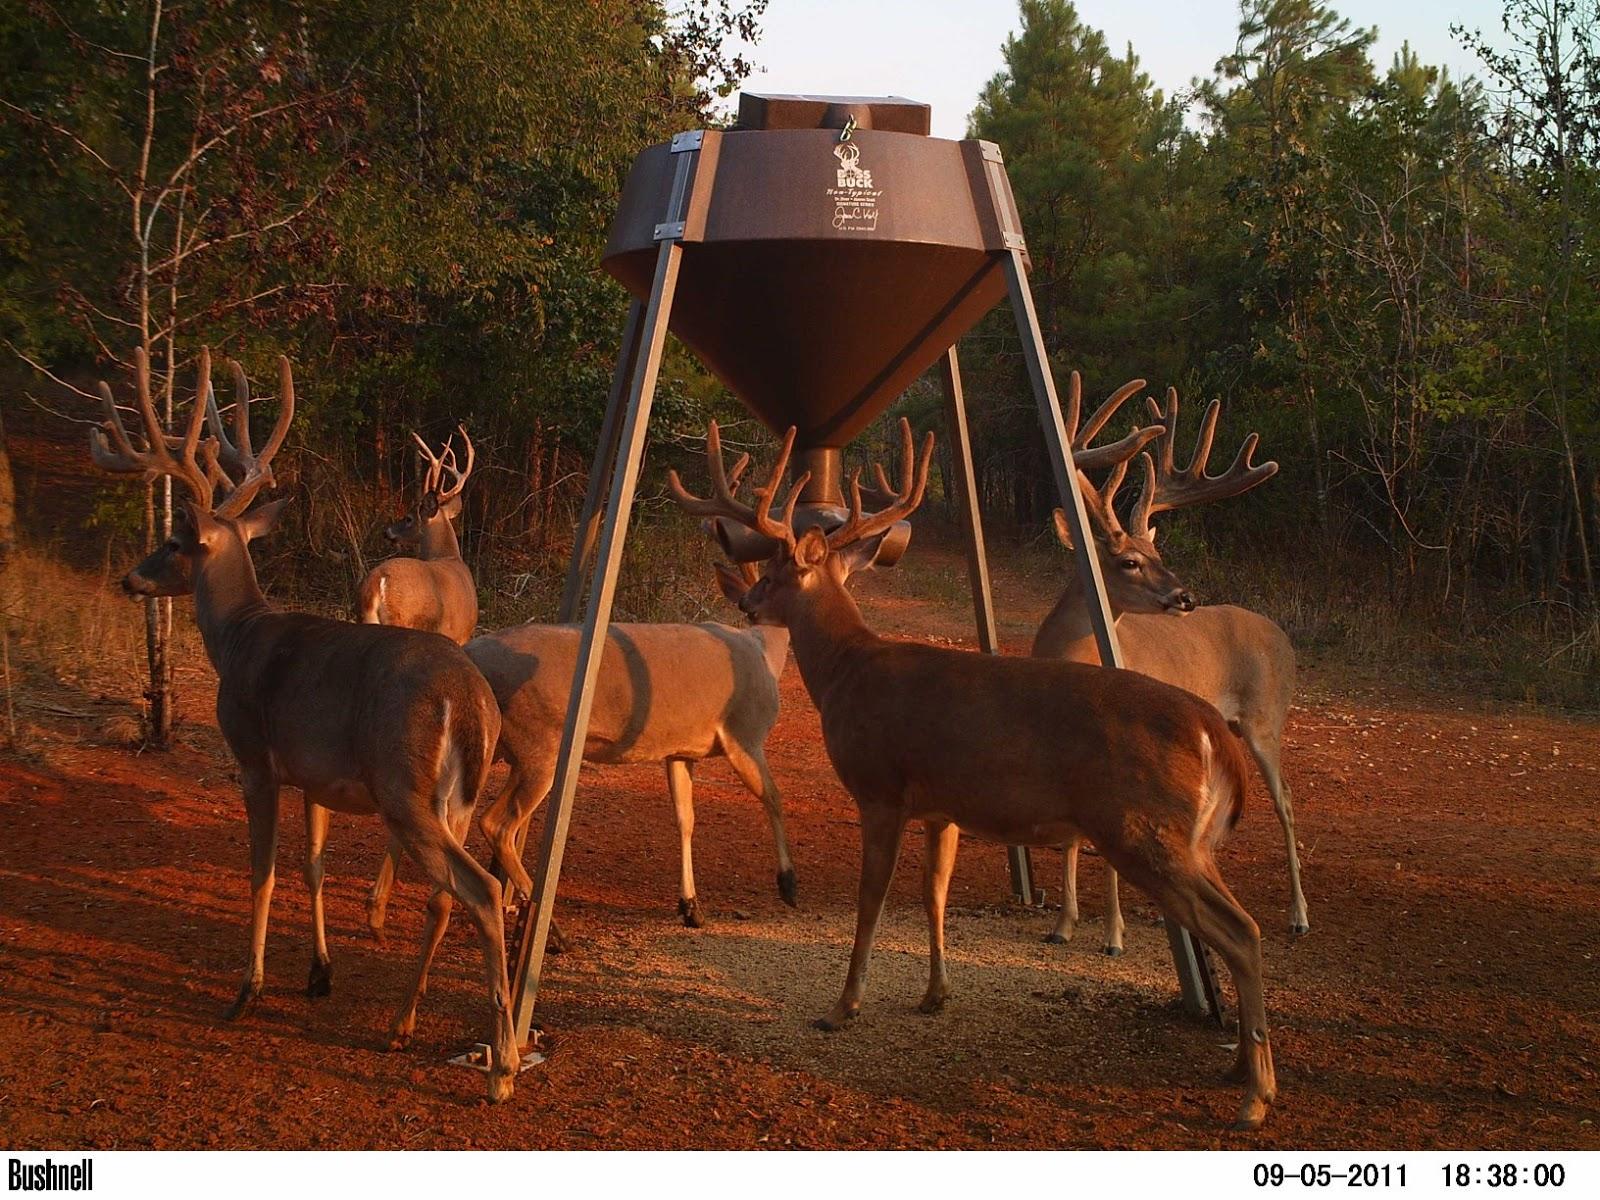 judge feeders judgelogopluspic buck feeder boss deer